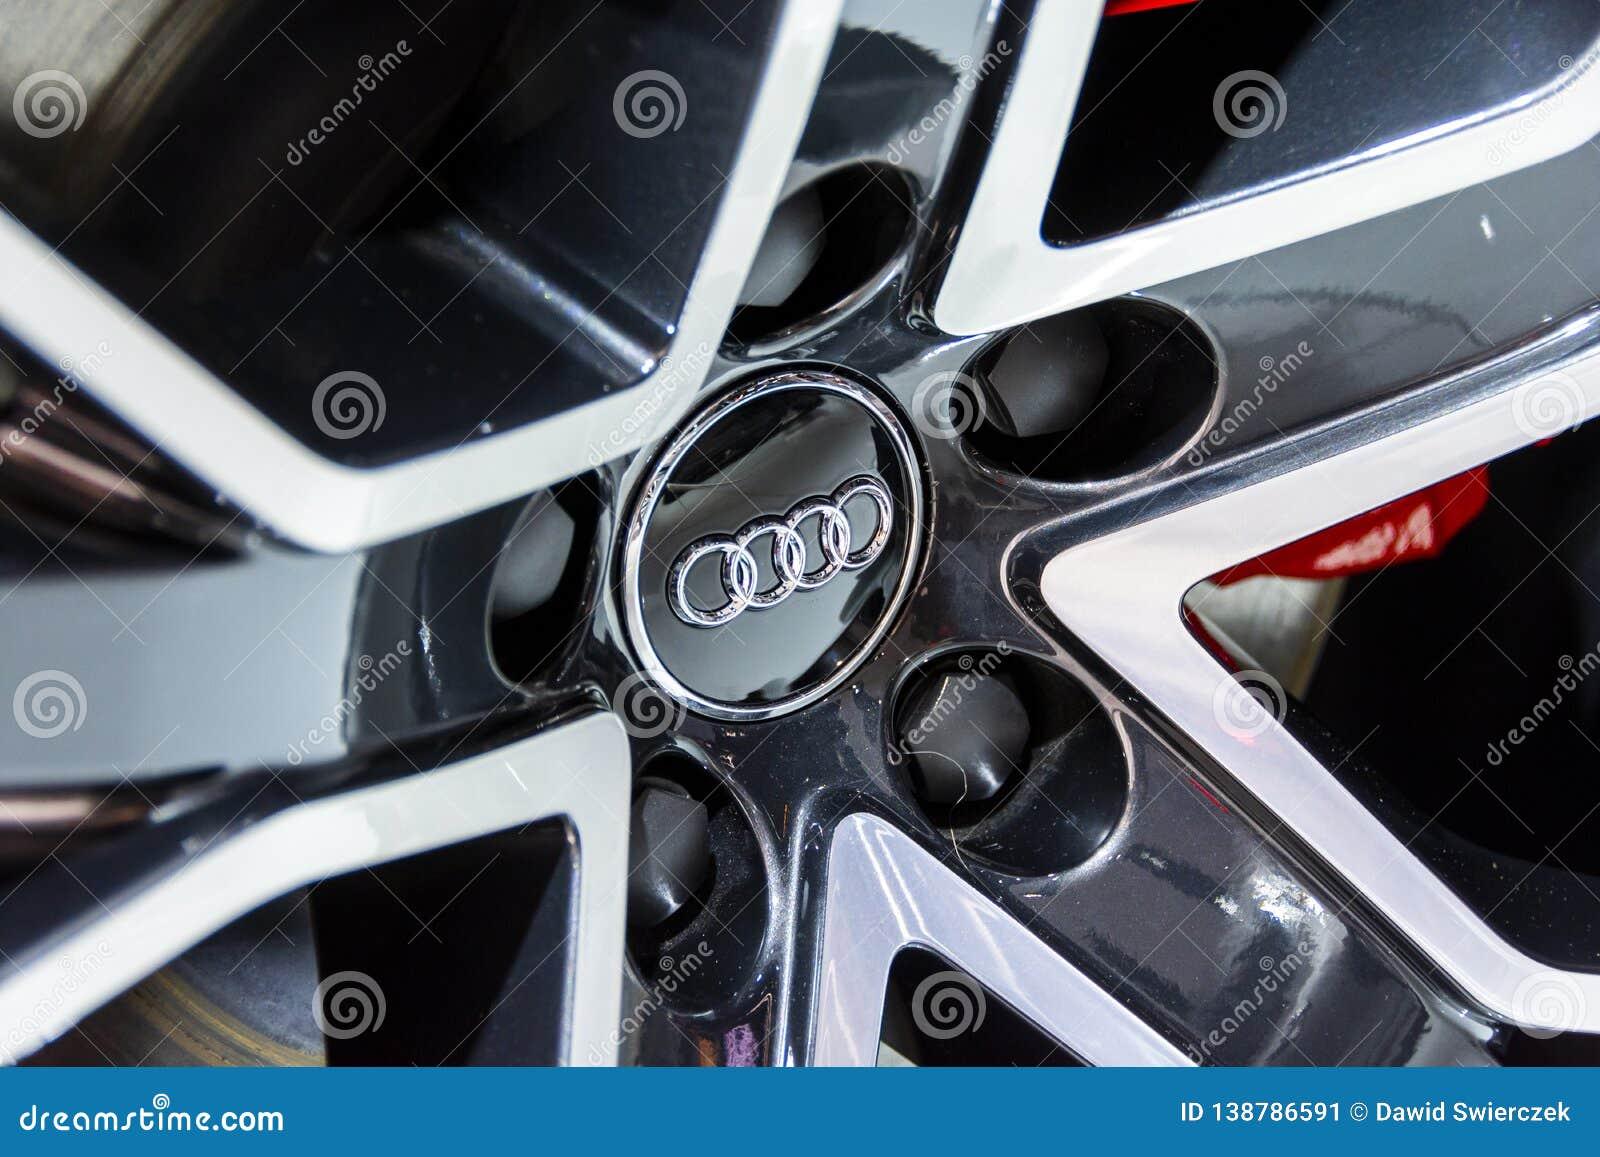 Audi-embleem op een legeringswiel